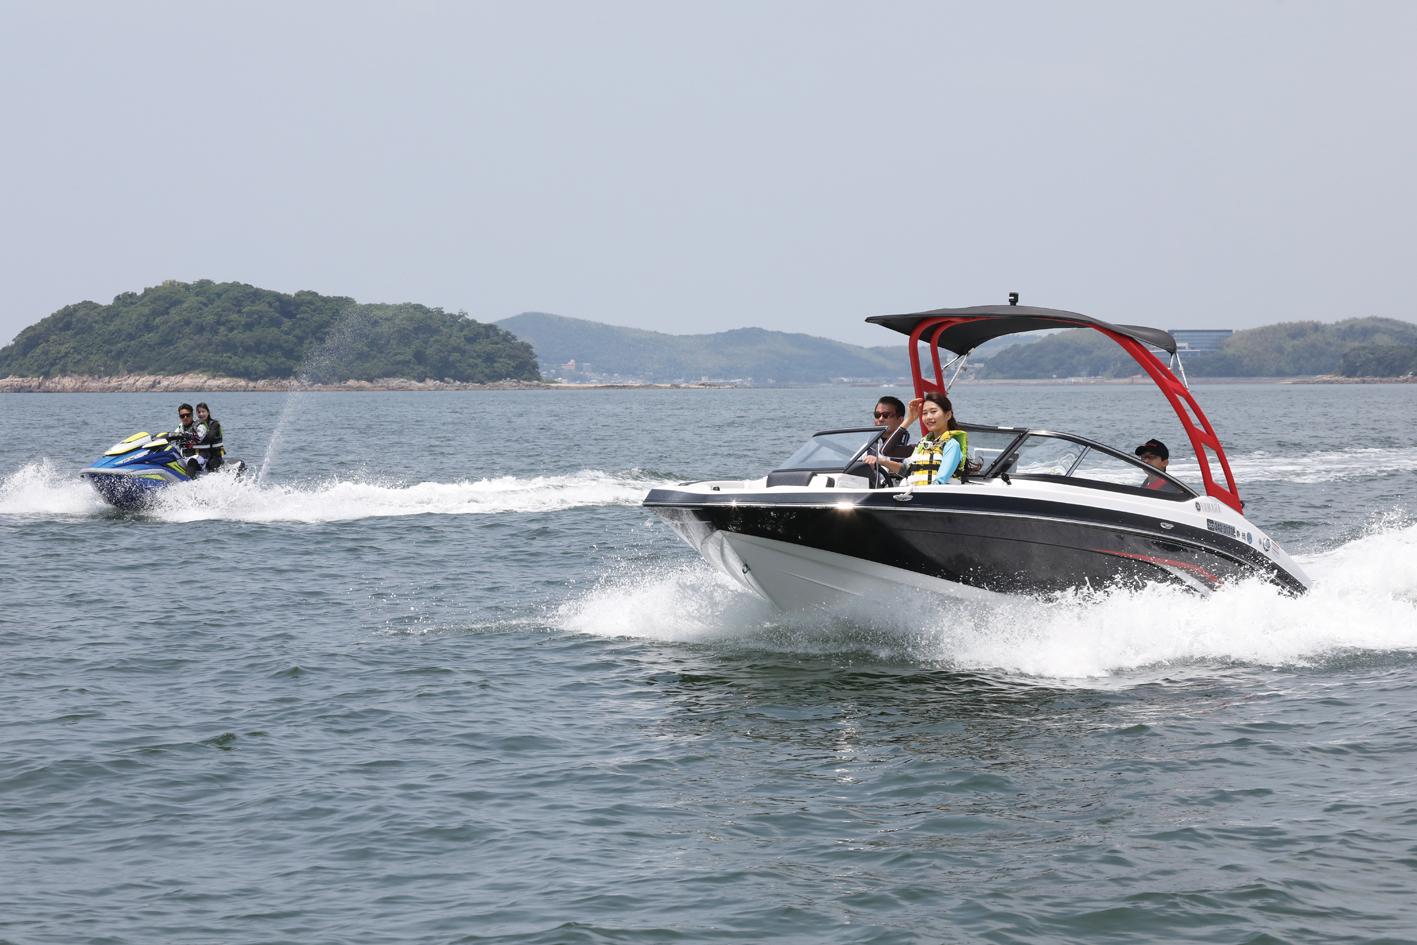 シースタイル艇にスポーツボートが登場!! 見所満載の三河湾をツーリングで満喫しよう!!